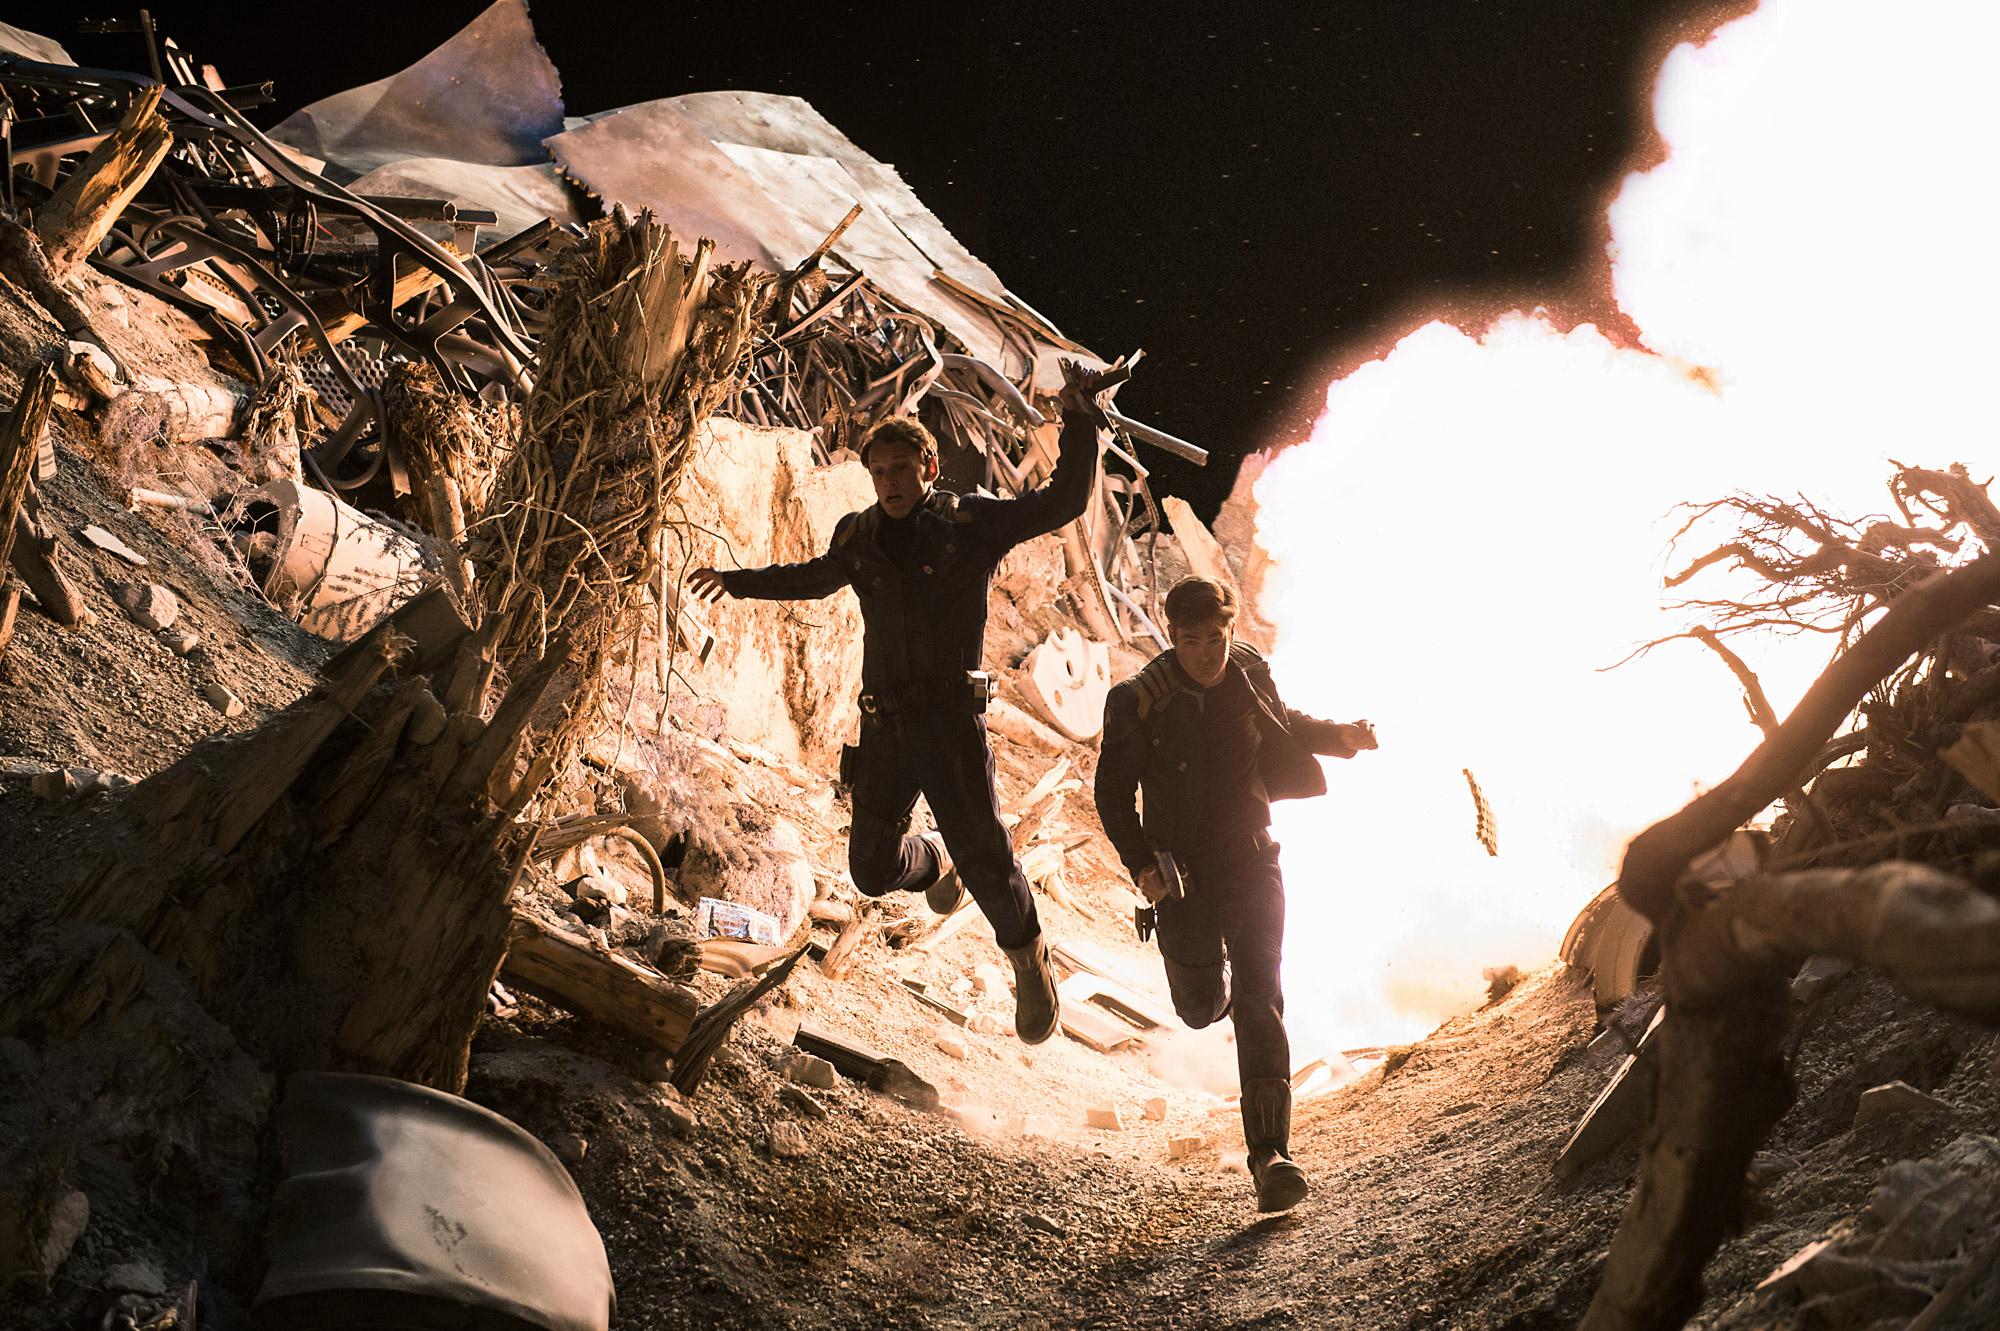 Kirk und Chekov auf der Flucht. Foto: Paramount Pictures